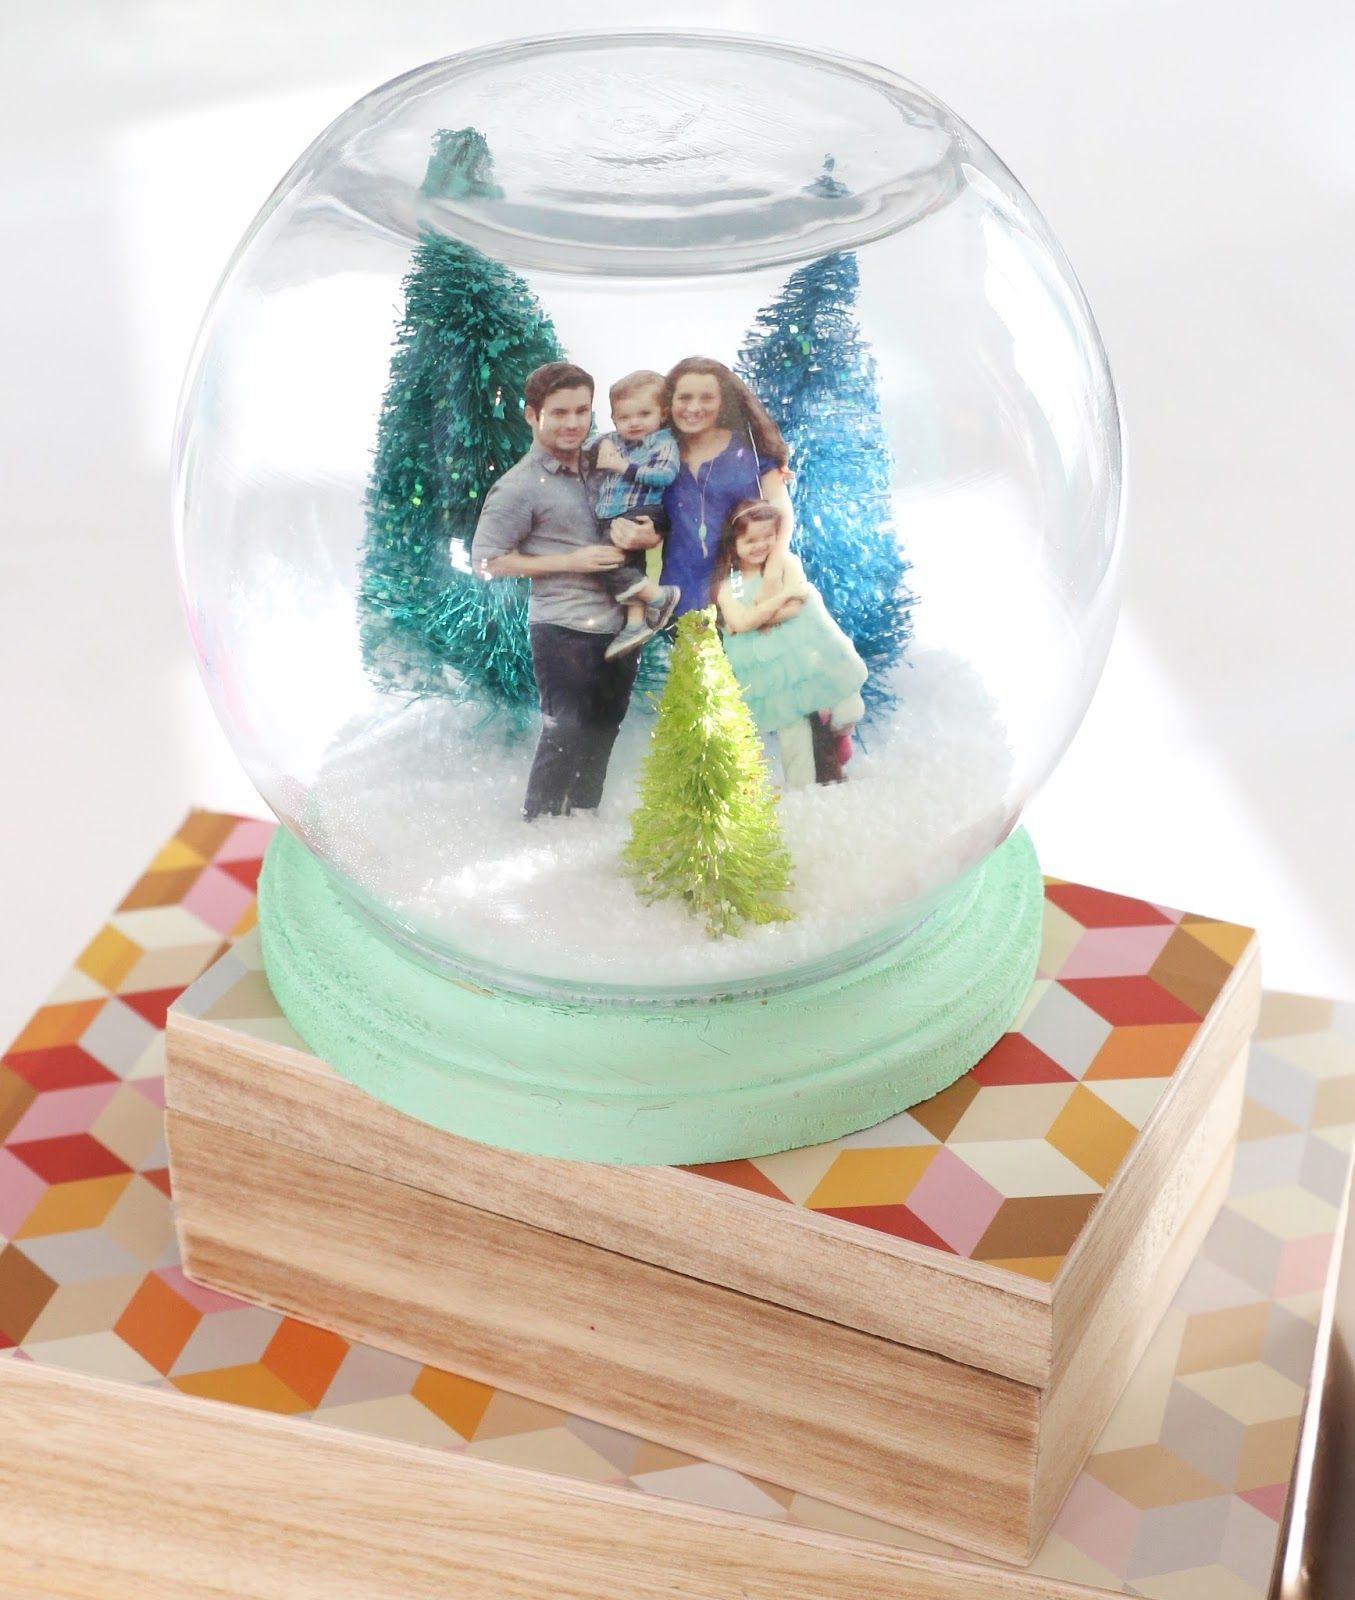 DIY Snow Globe Fun & Adorable Wedding Ideas